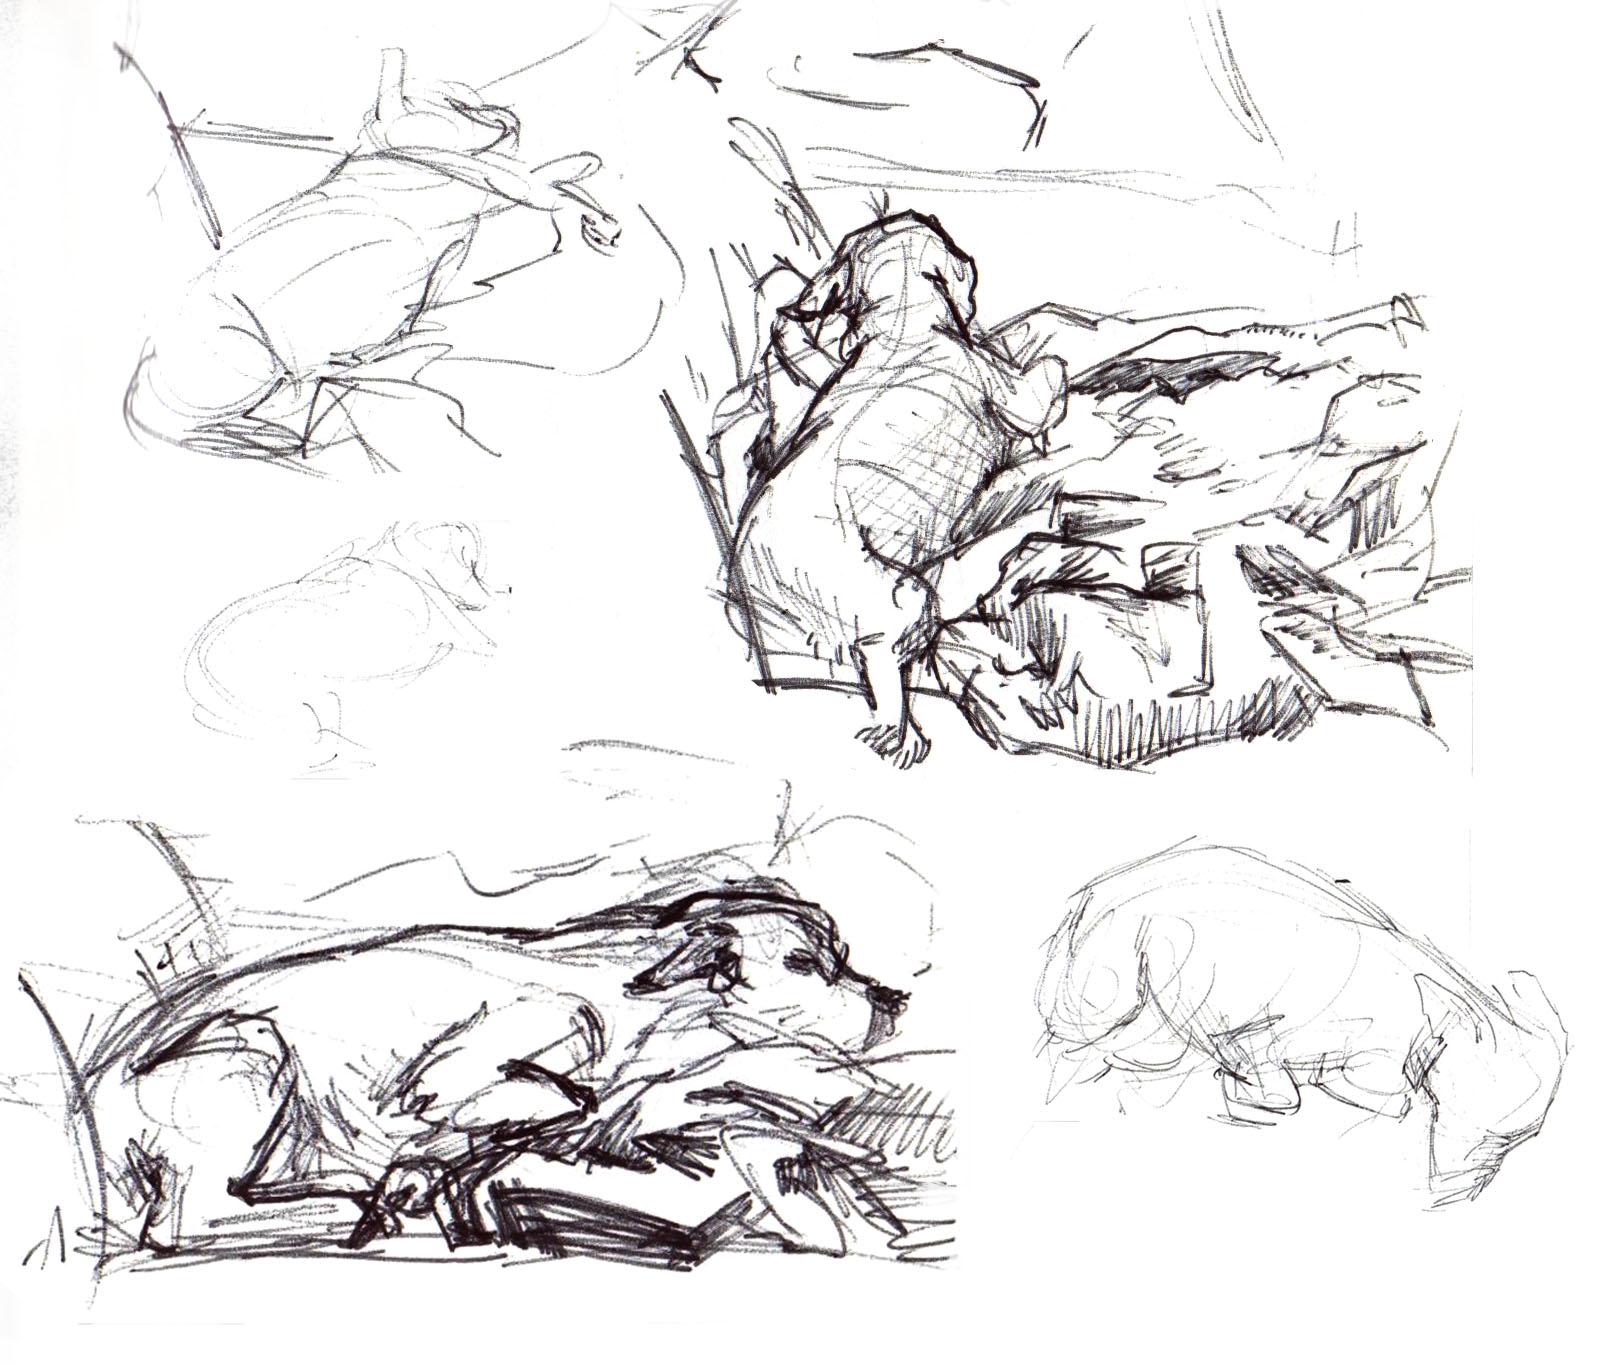 sburtner_dog sketches.jpg